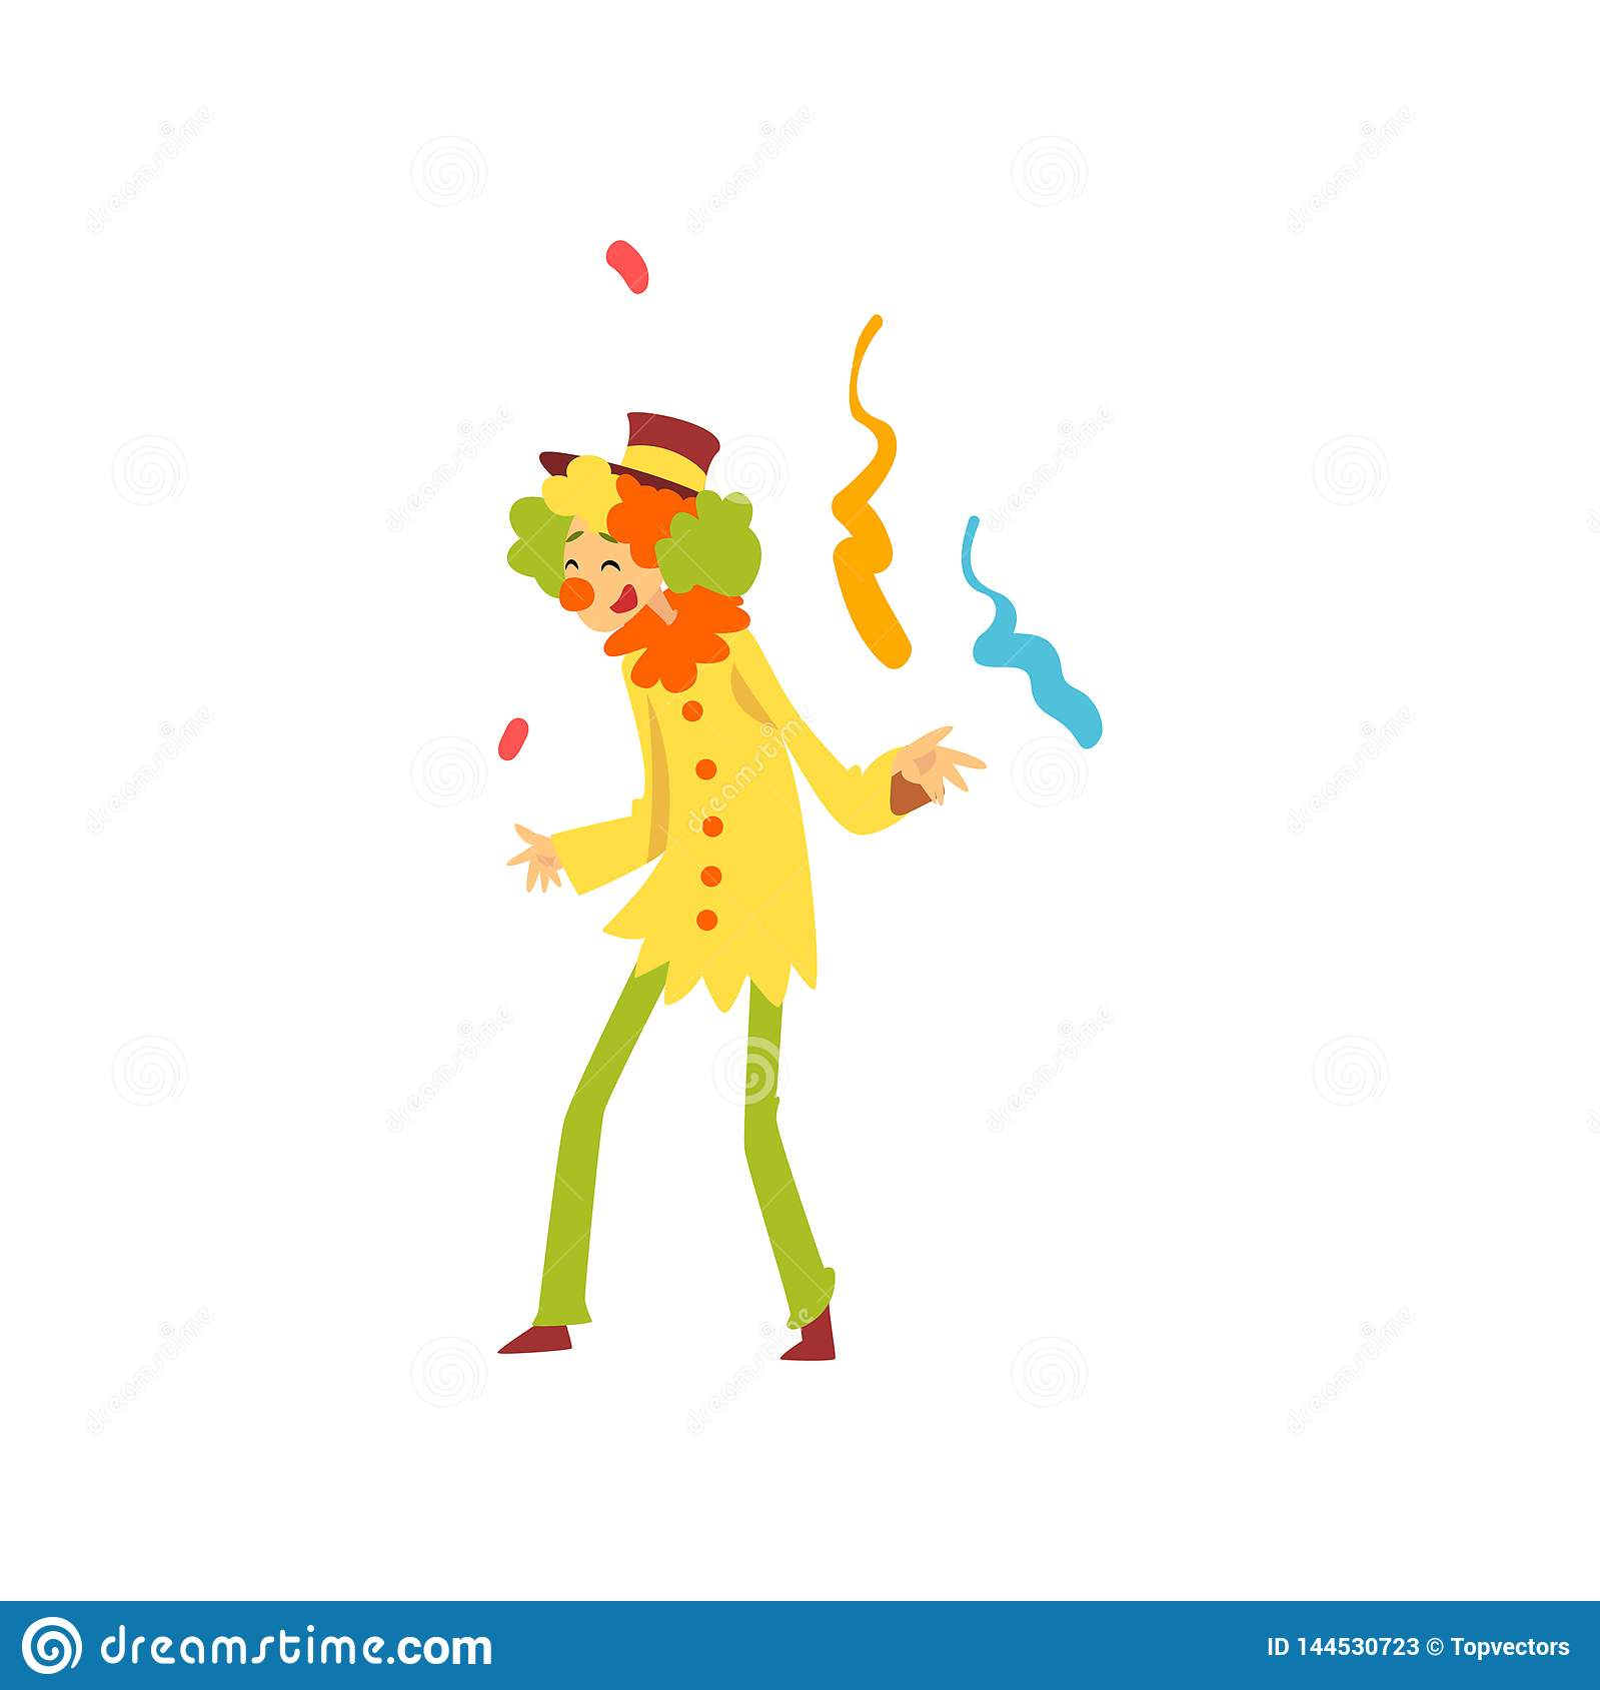 Η χαριτωμένη αστεία απόδοση κλόουν στα γενέθλια, το κόμμα καρναβαλιού ή το τσίρκο παρουσιάζουν διανυσματική απεικόνιση